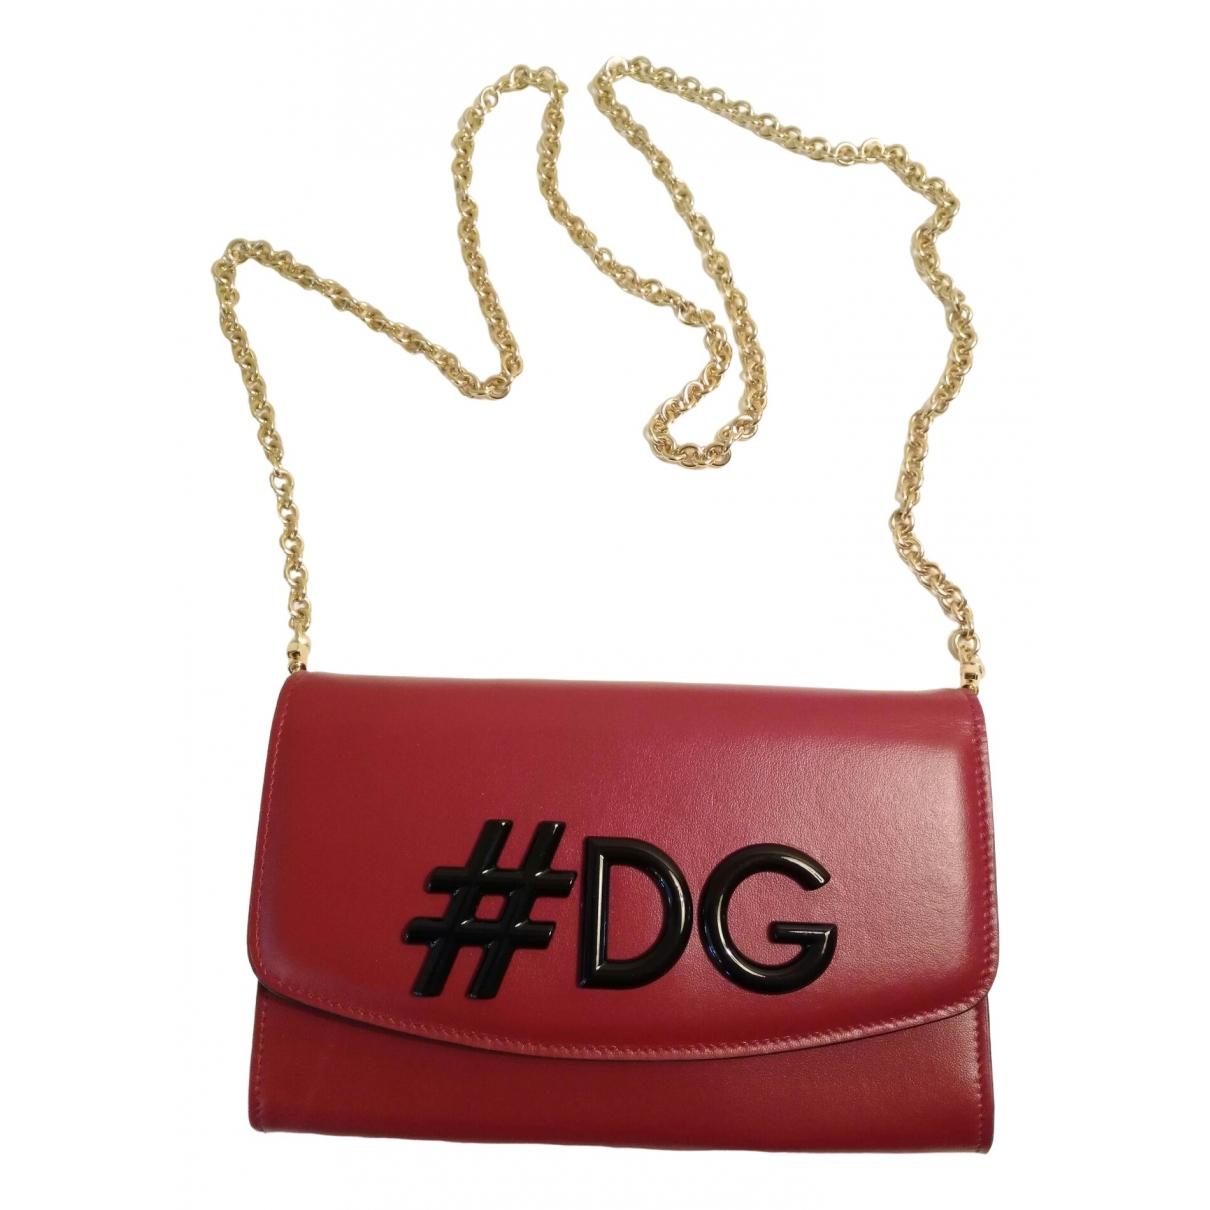 Dolce & Gabbana - Pochette   pour femme en cuir - bordeaux